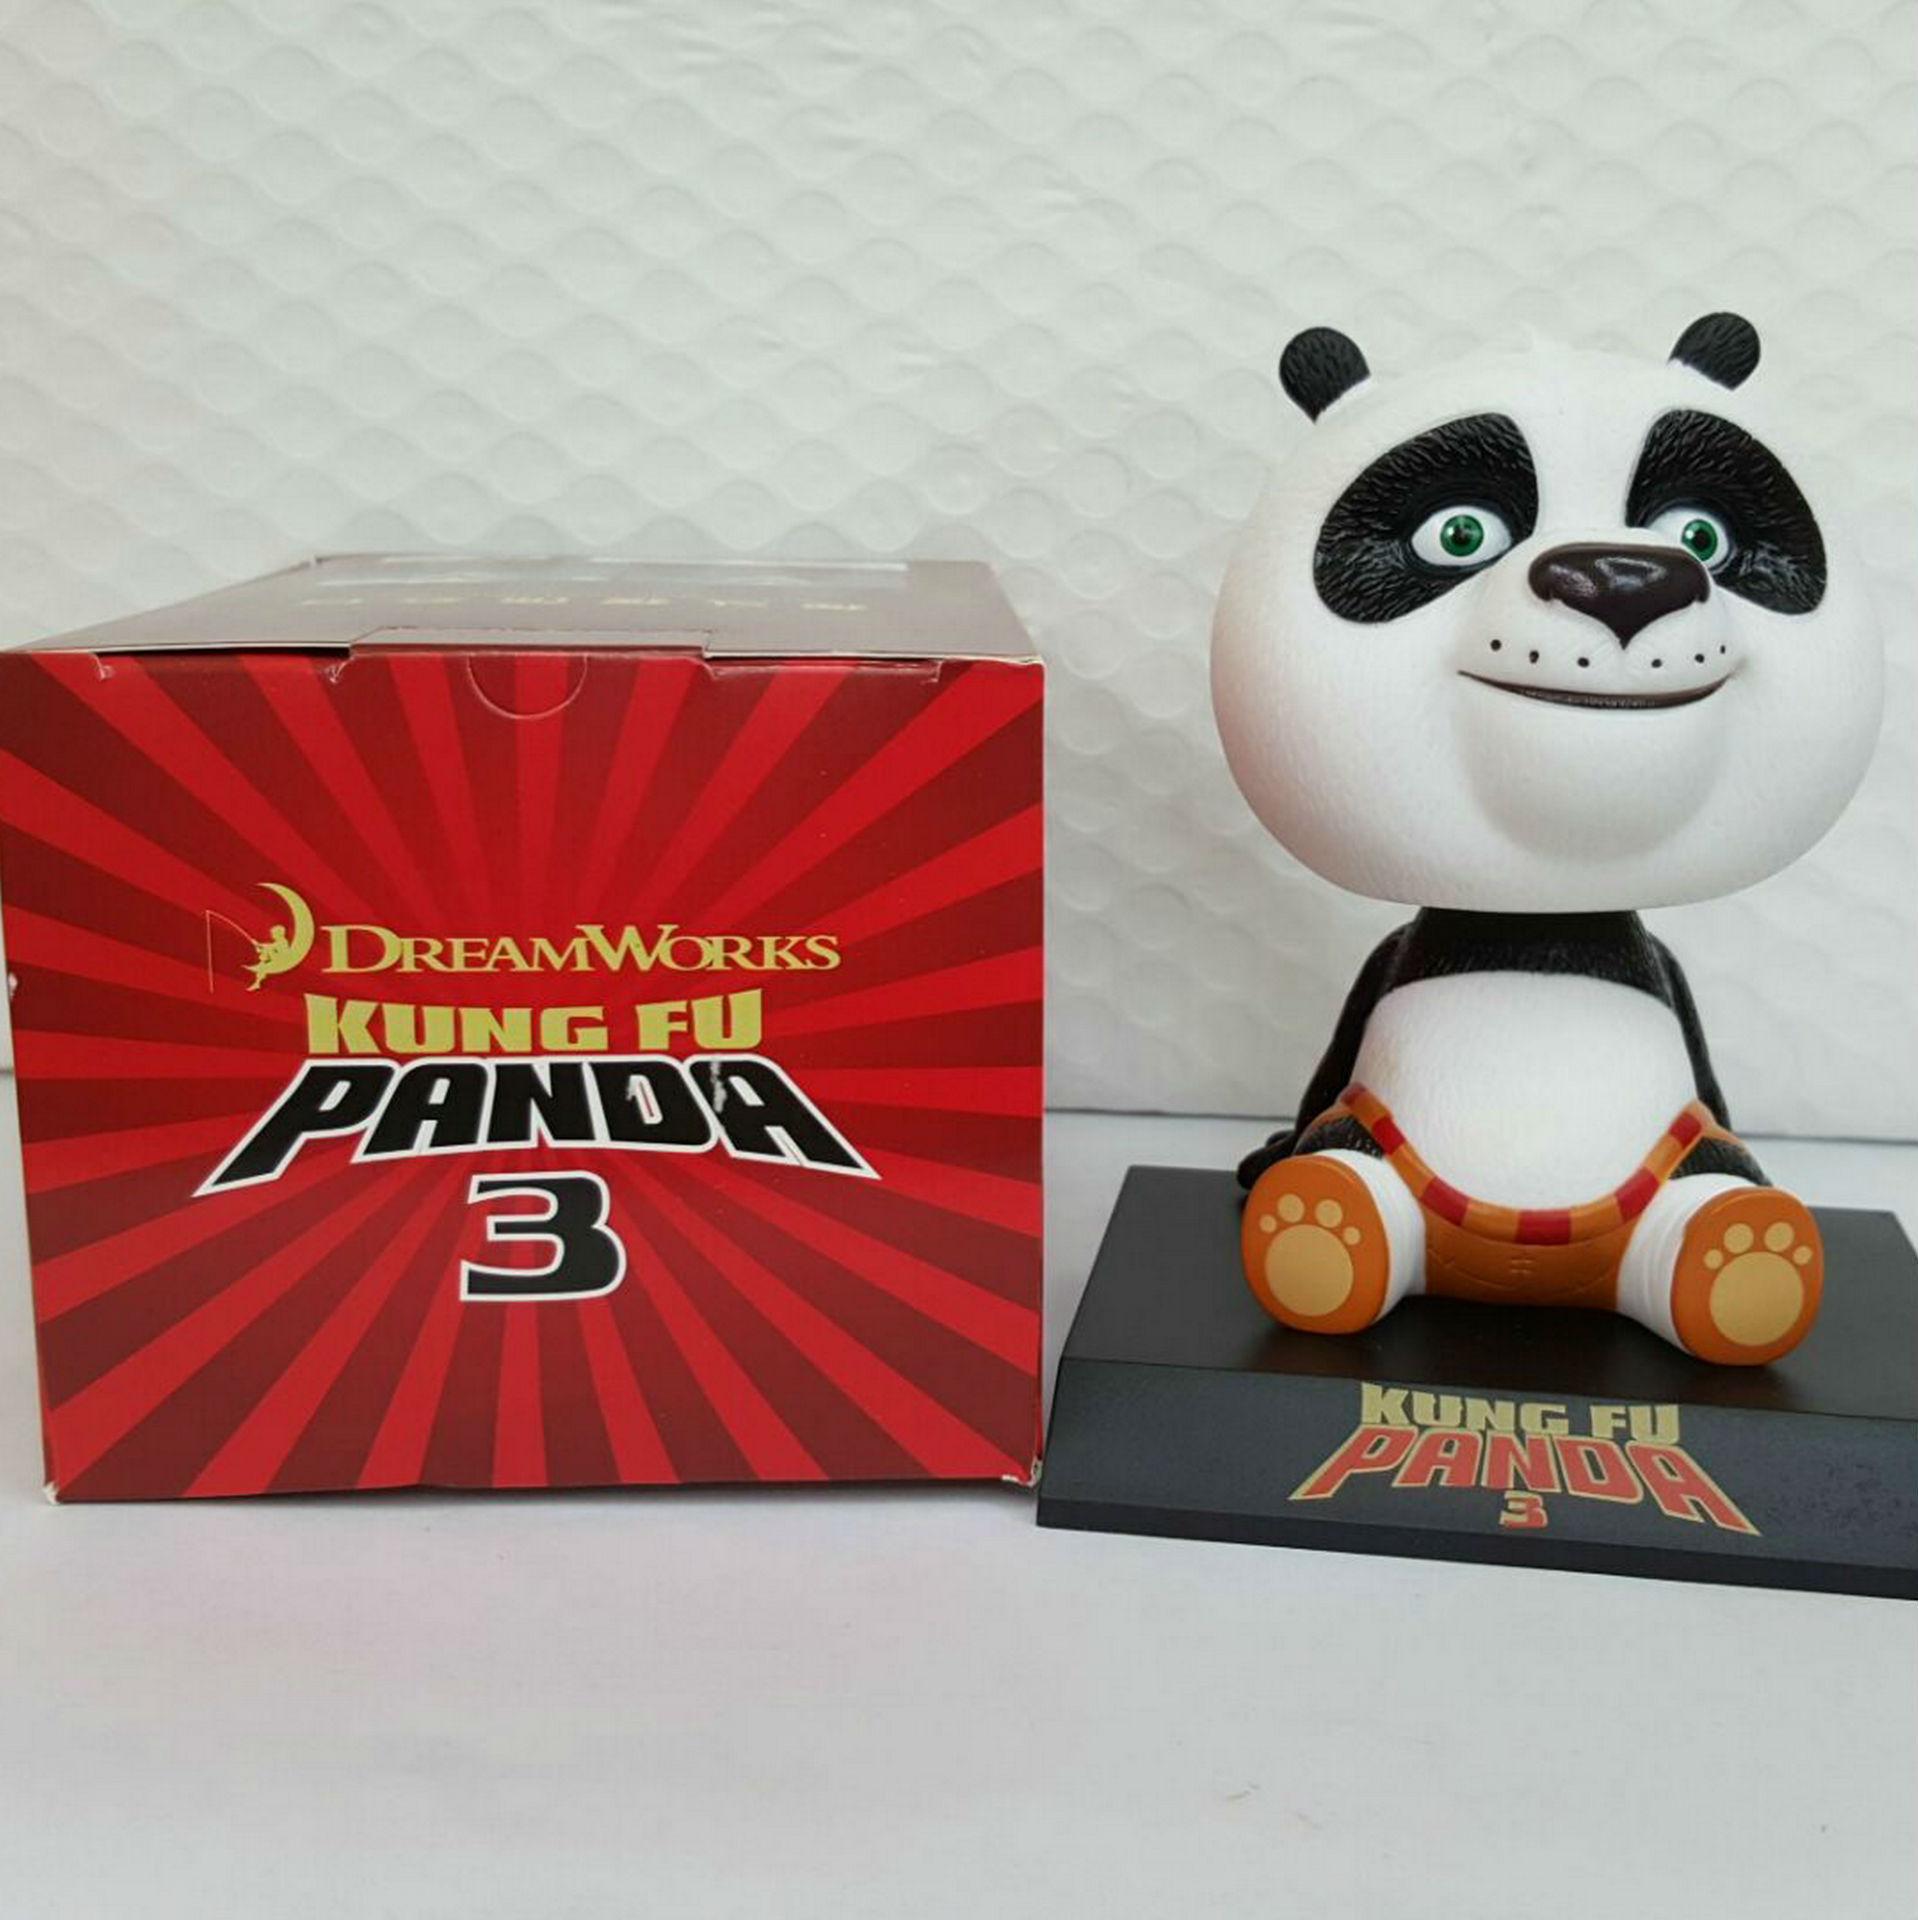 панда кунг-фу смотреть онлайн в хорошем качестве